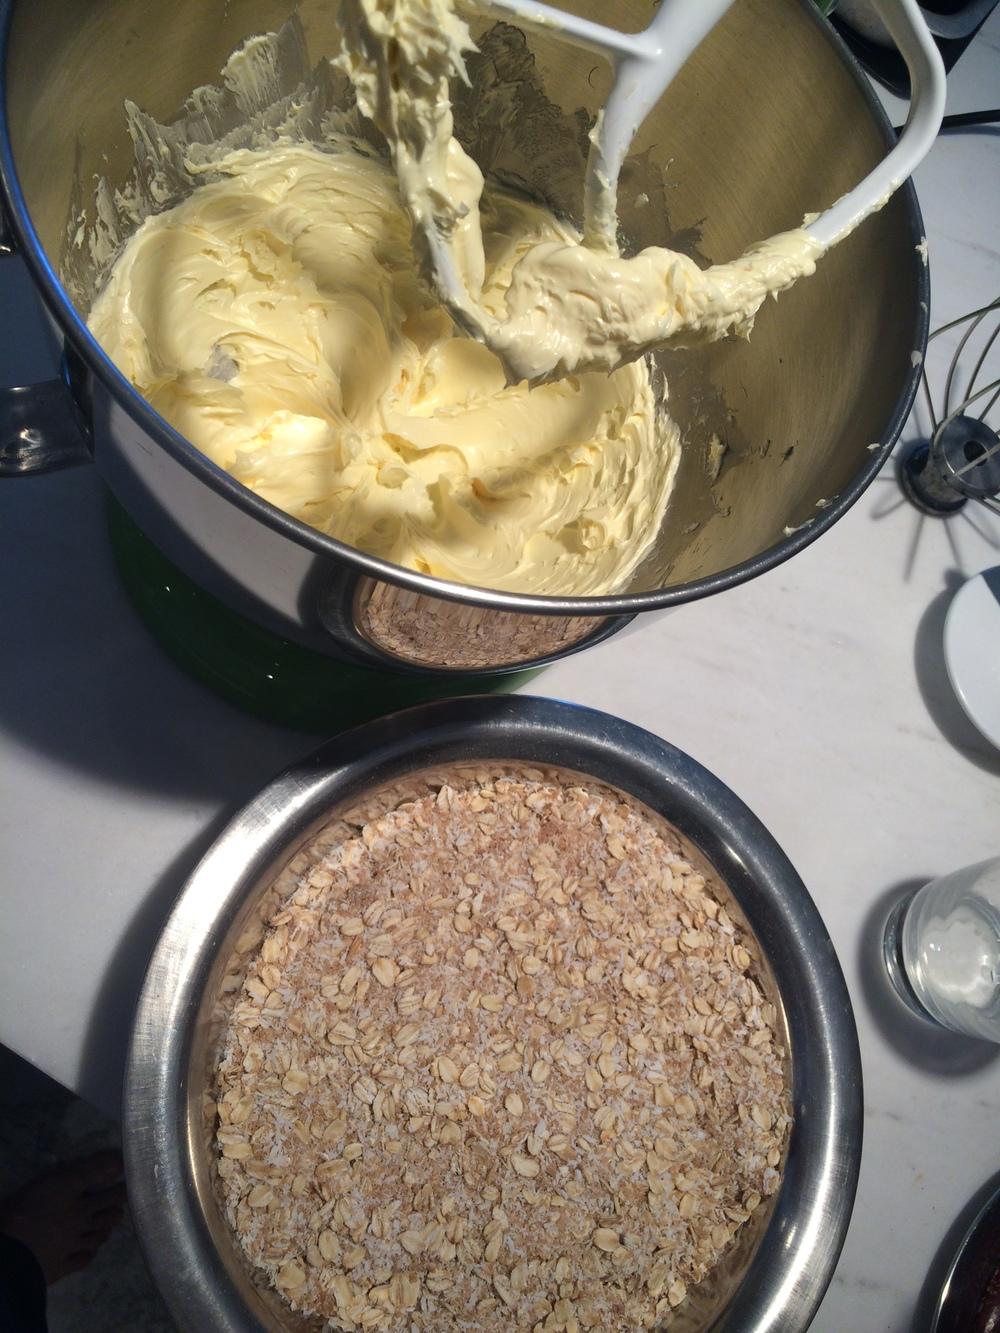 O próximo passo é incorporar o ovo à mistura de manteiga. Bata o ovo como se fosse fazer uma omelete e acrescente-o aos poucos, com a bateira ligada em velocidade baixa. Pra emulsionar o ovo na gordura é preciso que isso seja feito devagar. Se você colocar o ovo de uma vez, vai ver que os dois vão custar a juntar. Se isso acontecer e o aspecto da mistura ficar talhado, aqueça um pouco a tigela da batedeira (eu costumo usar minhas mãos mesmo, enquanto a batedeira funciona, mas vc pode levá-la ao fogo um instante e voltar pra batedeira. Claro que se for fazer isso a tigela da sua batedeira deverá ser resistente ao fogo. Nada de plástico derretido nesta receita, heim? Uma vez incorporado o ovo, bata até a massa ficar bem fofa. É hora de adicionar todos os outros ingredientes secos, já misturados. Deixe os ingredientes em pedaços pra adicionar depois.